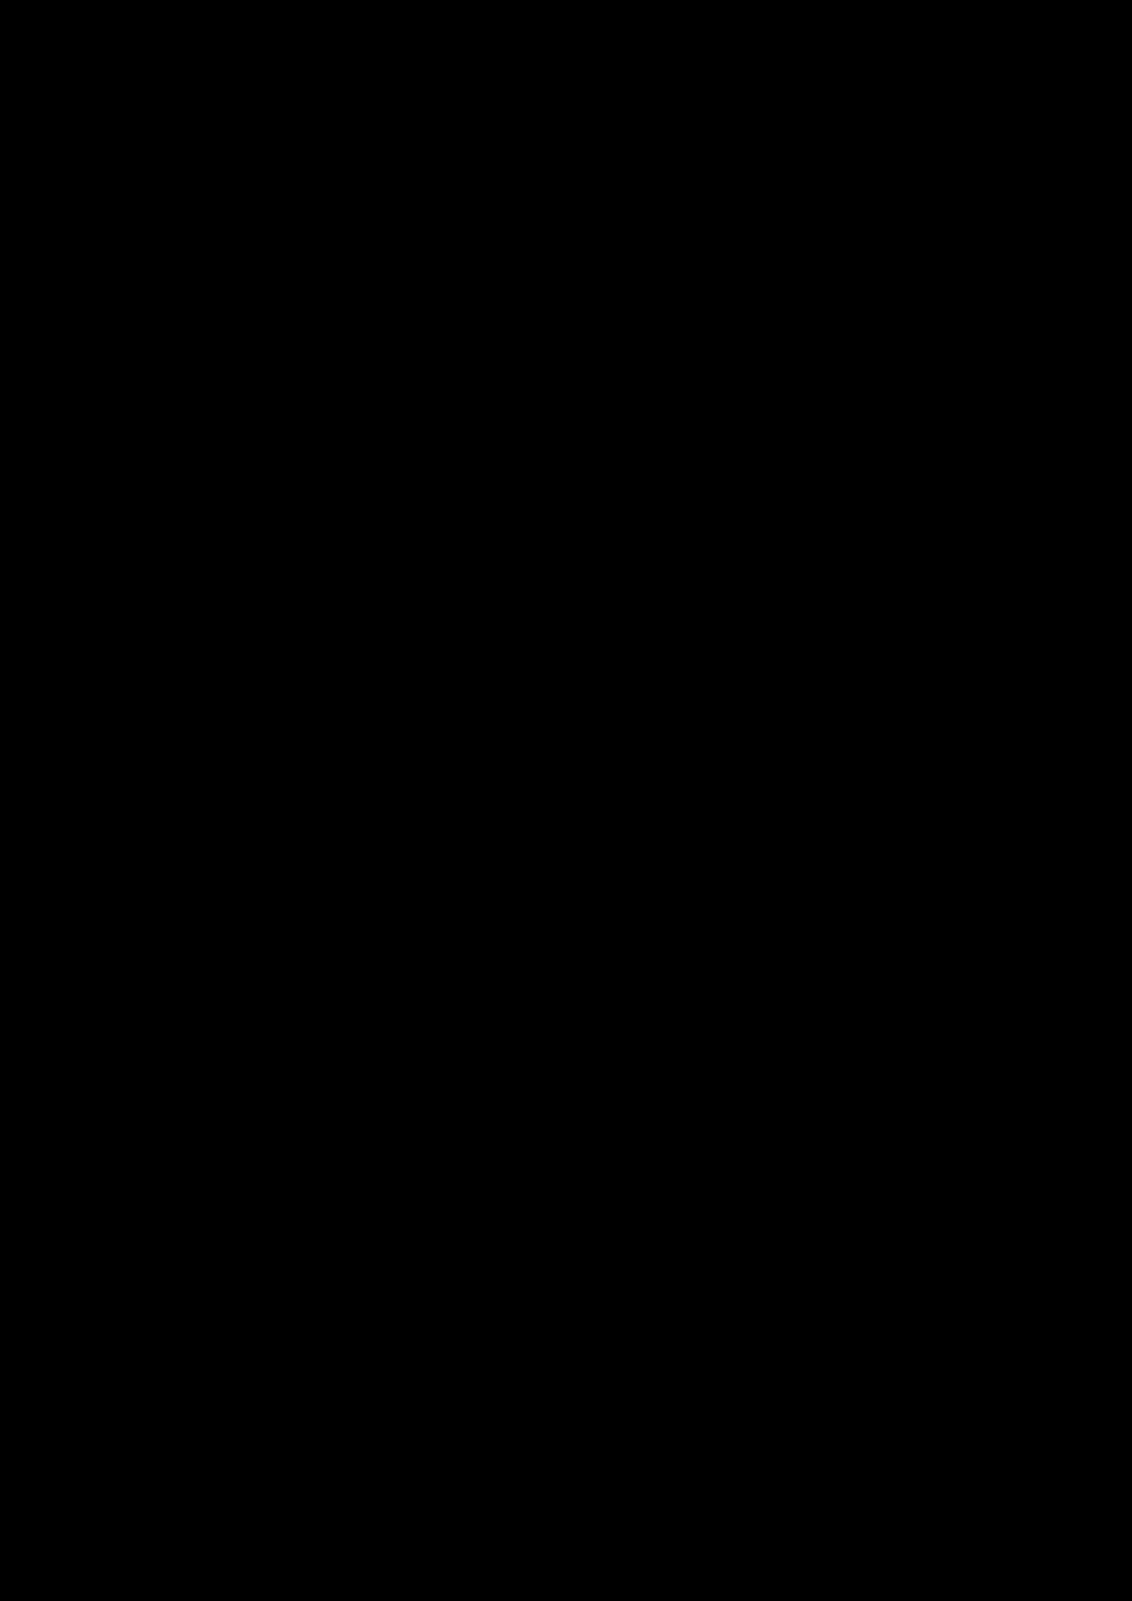 Dekoratsii slide, Image 3